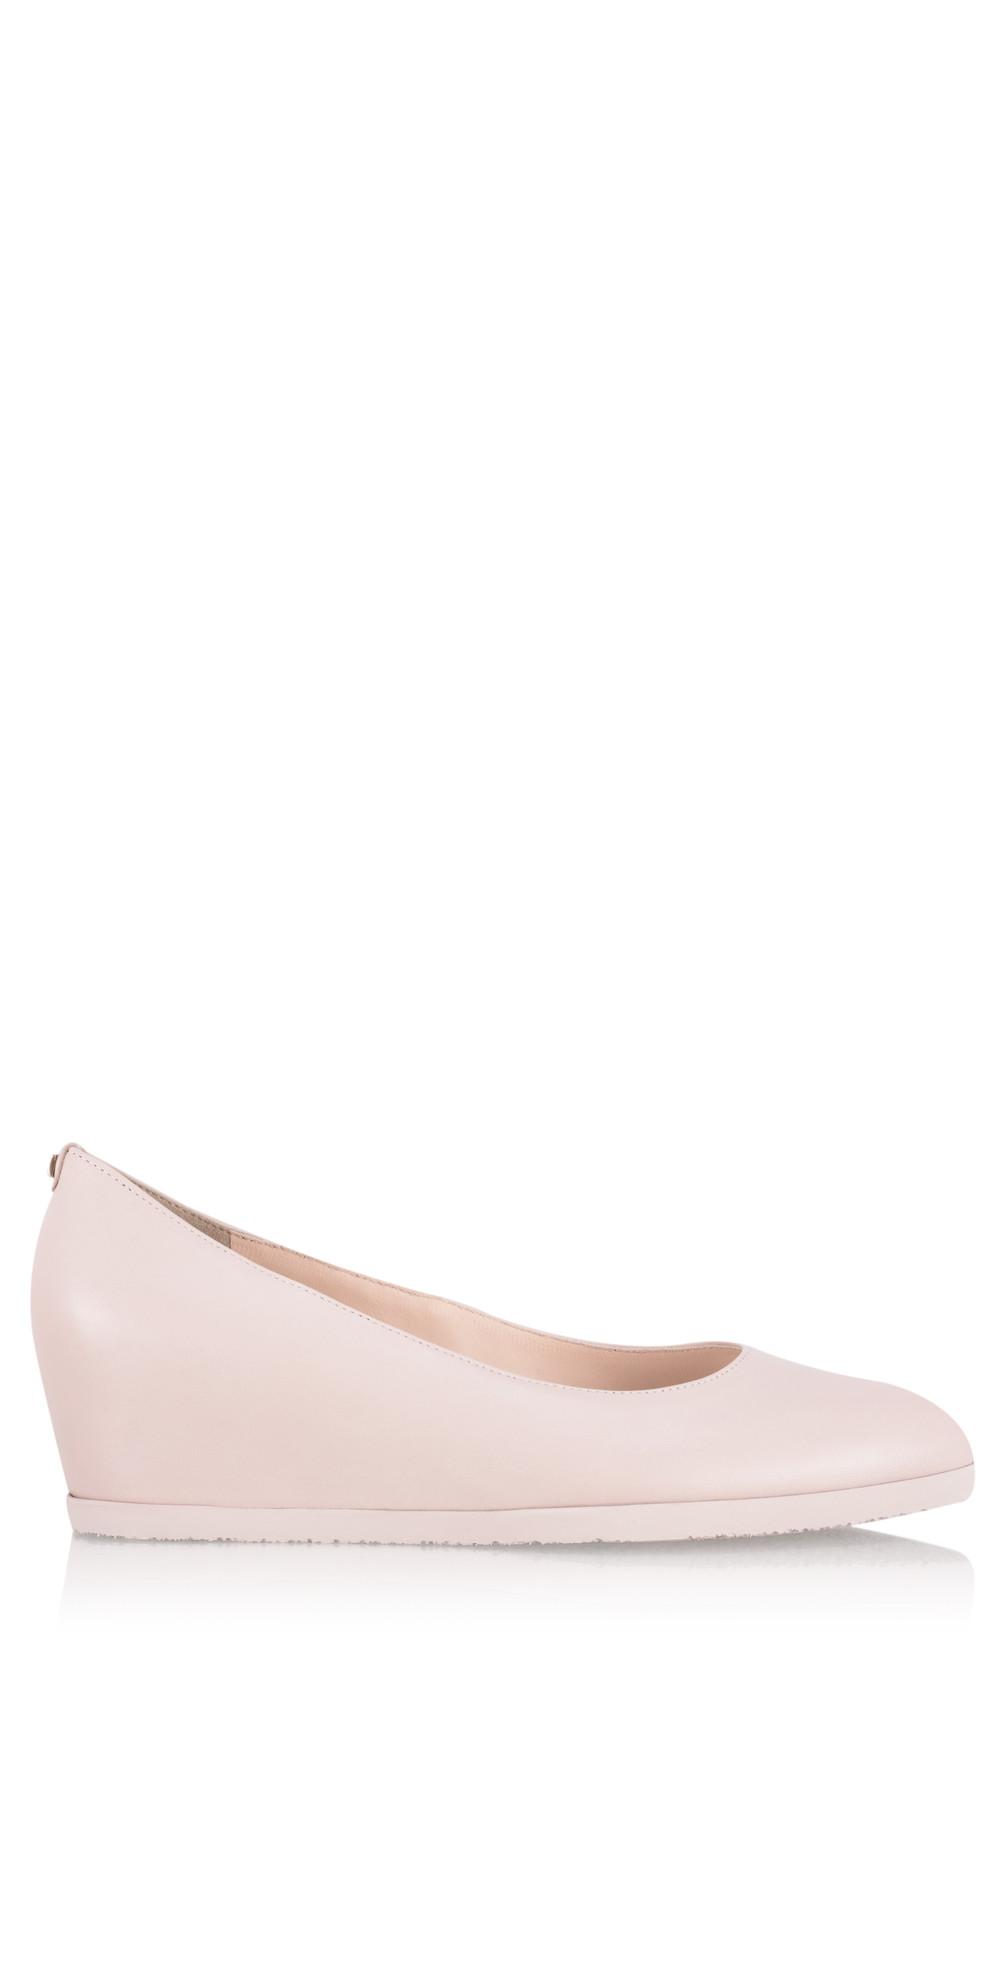 2c3e88e7f1295 Hogl Elke Wedge Shoe in Rose